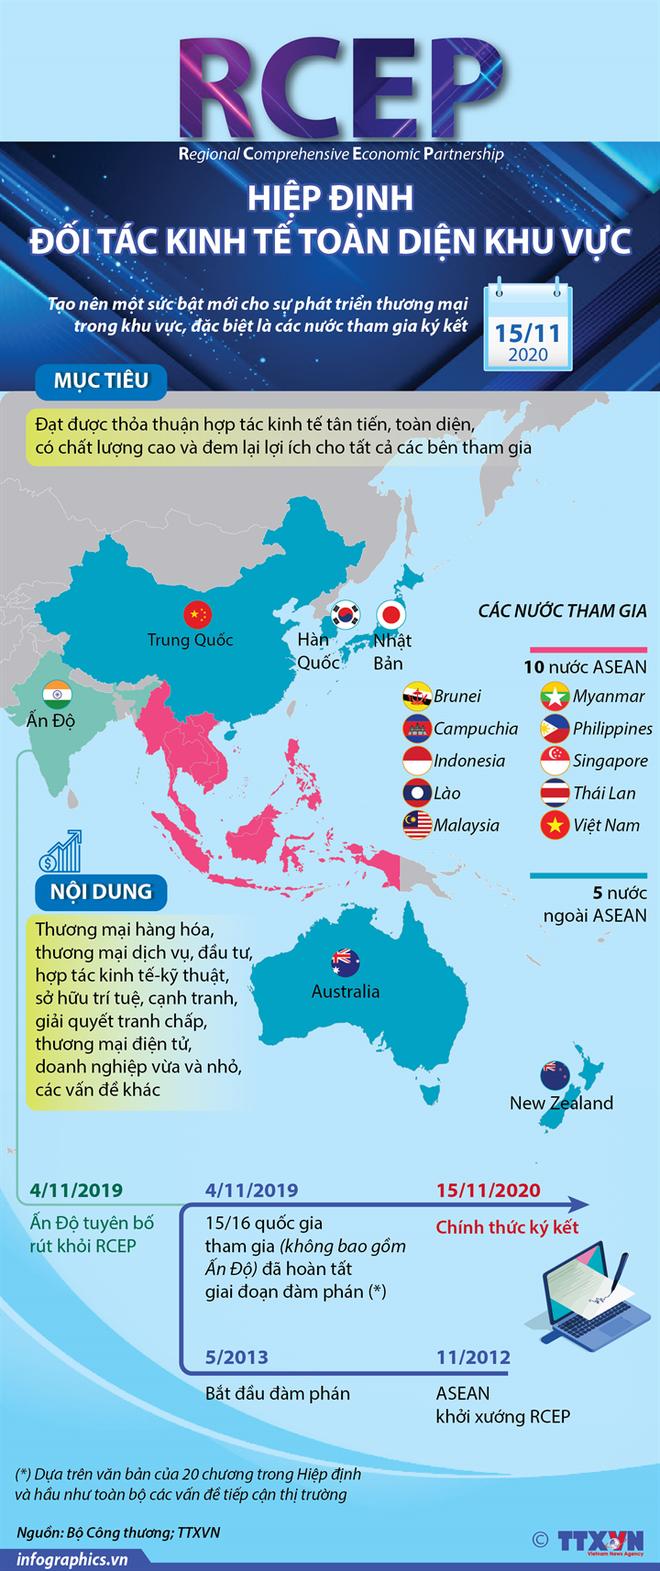 Ký kết thành công Hiệp định kinh tế quy mô lớn nhất thế giới ảnh 1